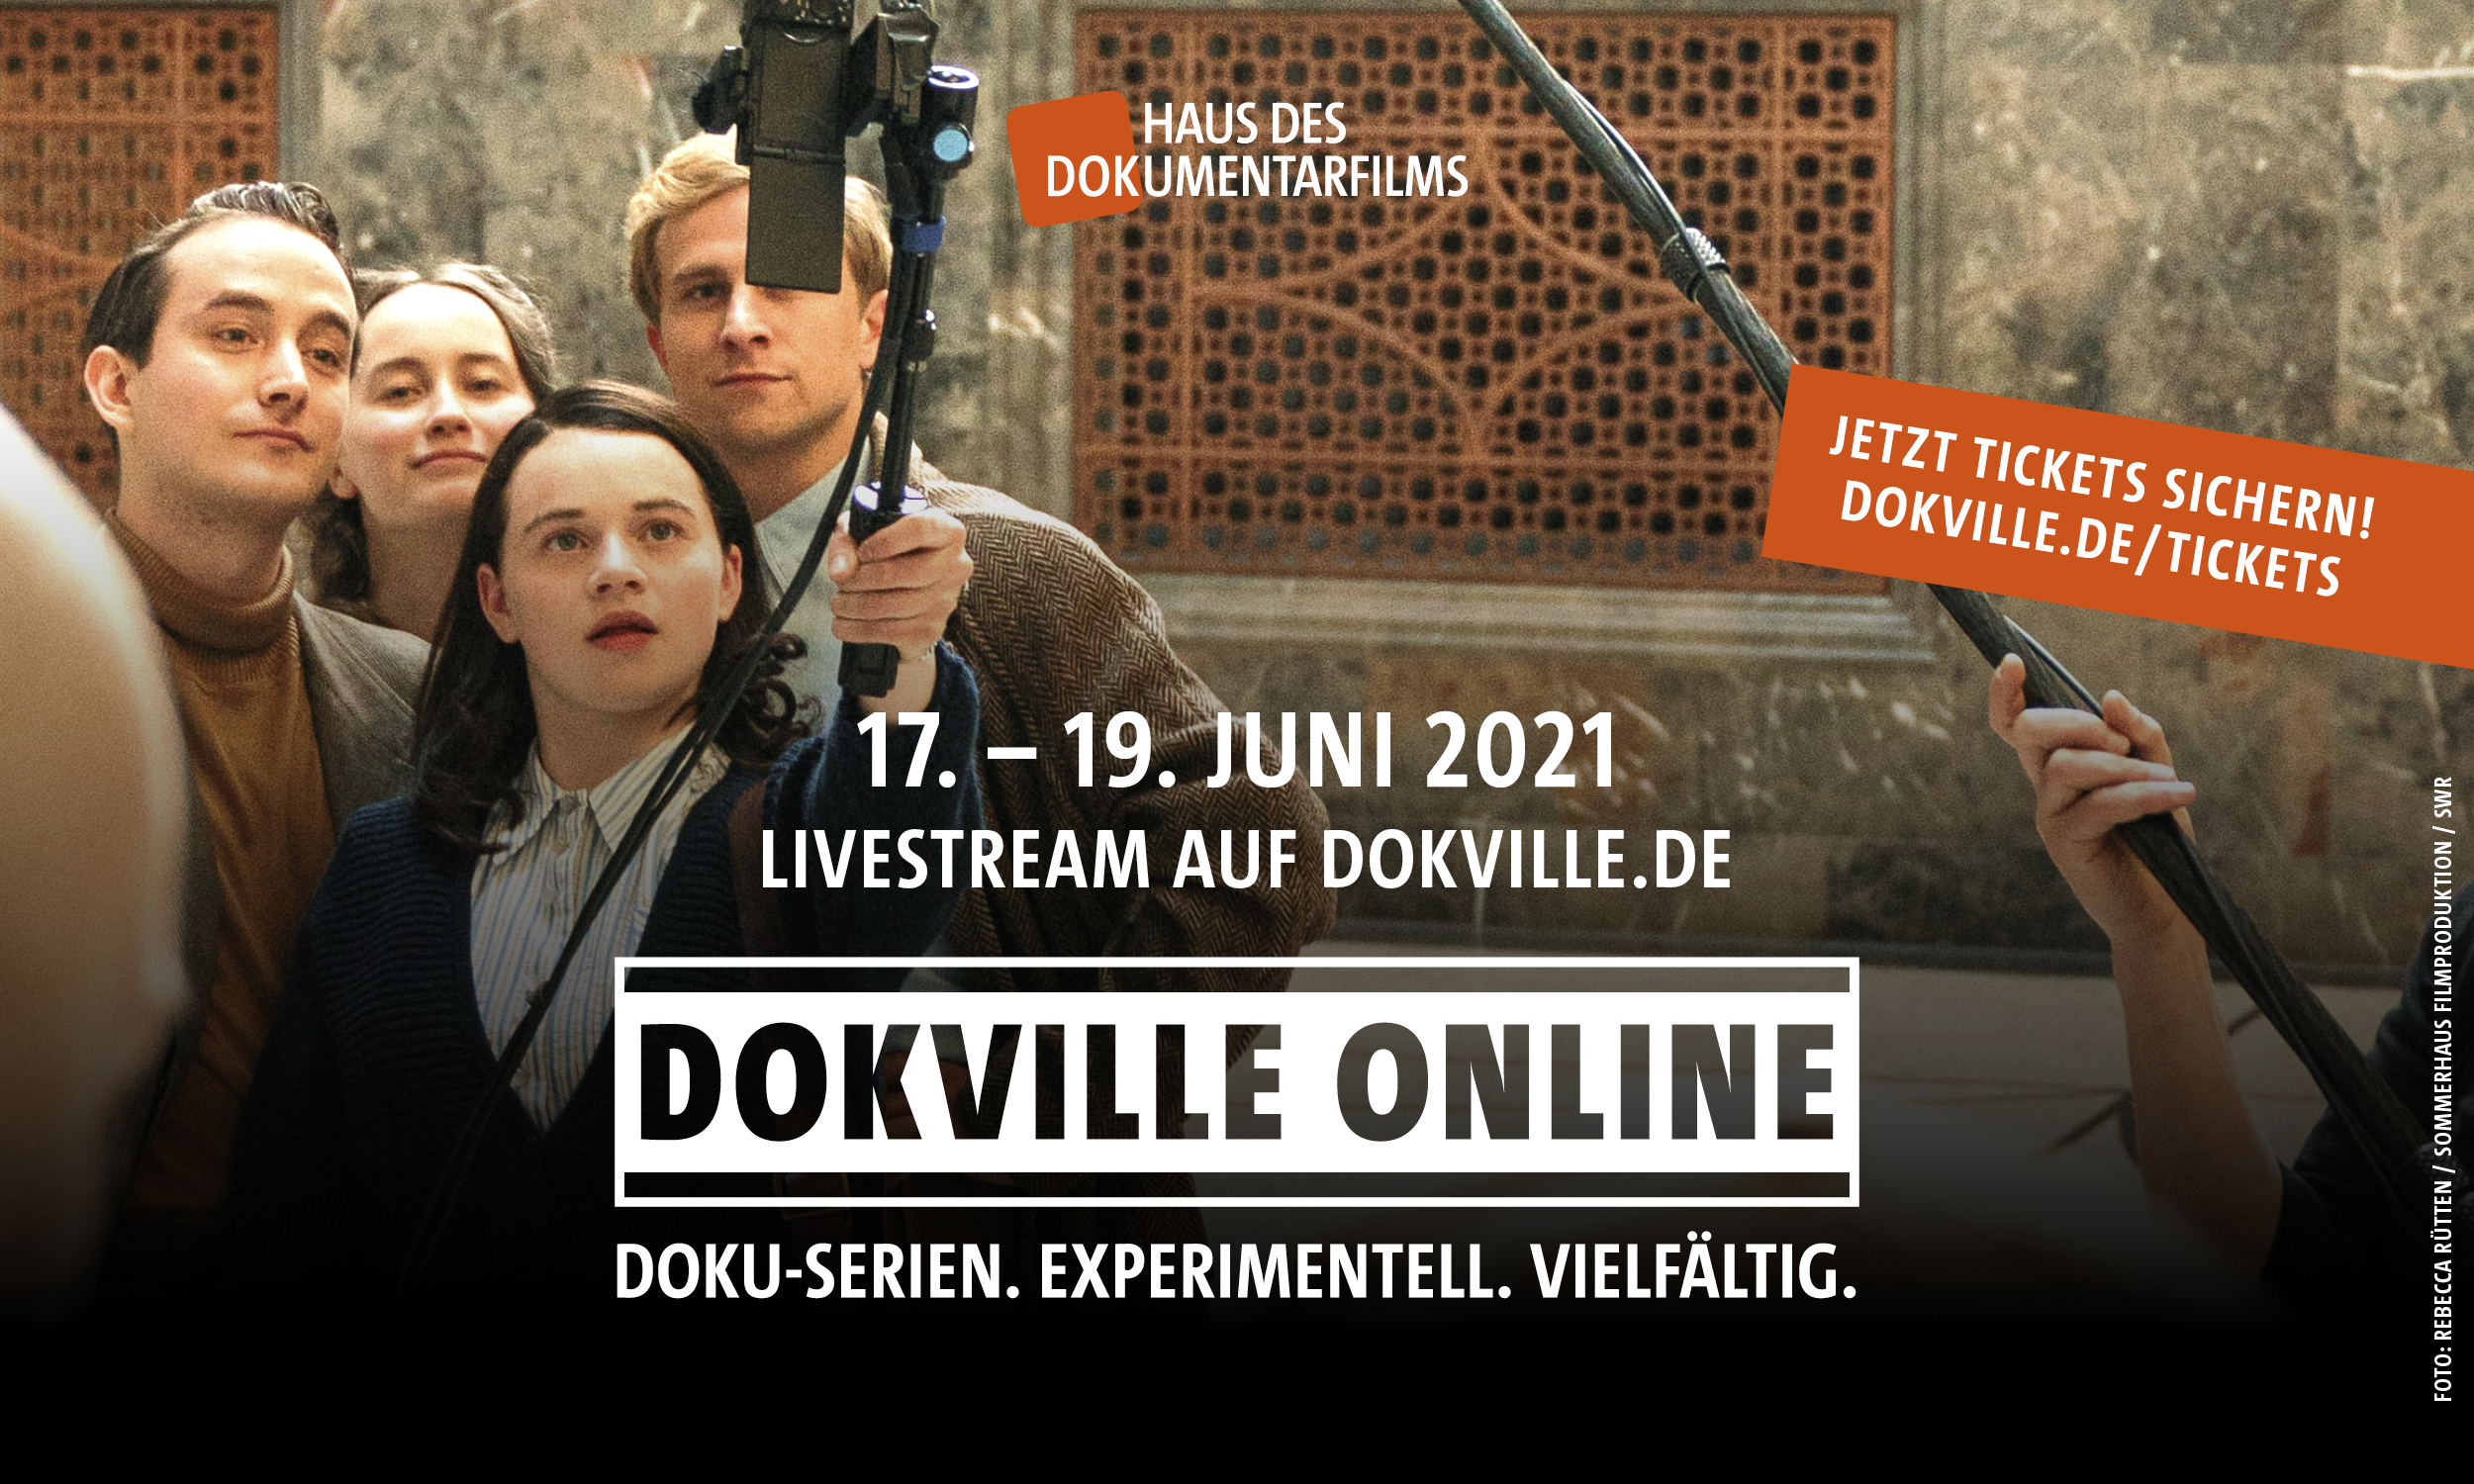 """DOKVILLE 2021, u. a. zur Instagram-Serie """"Ich bin Sophie Scholl"""" (Rebecca Rütten/Sommerhaus Filmproduktion, SWR)"""